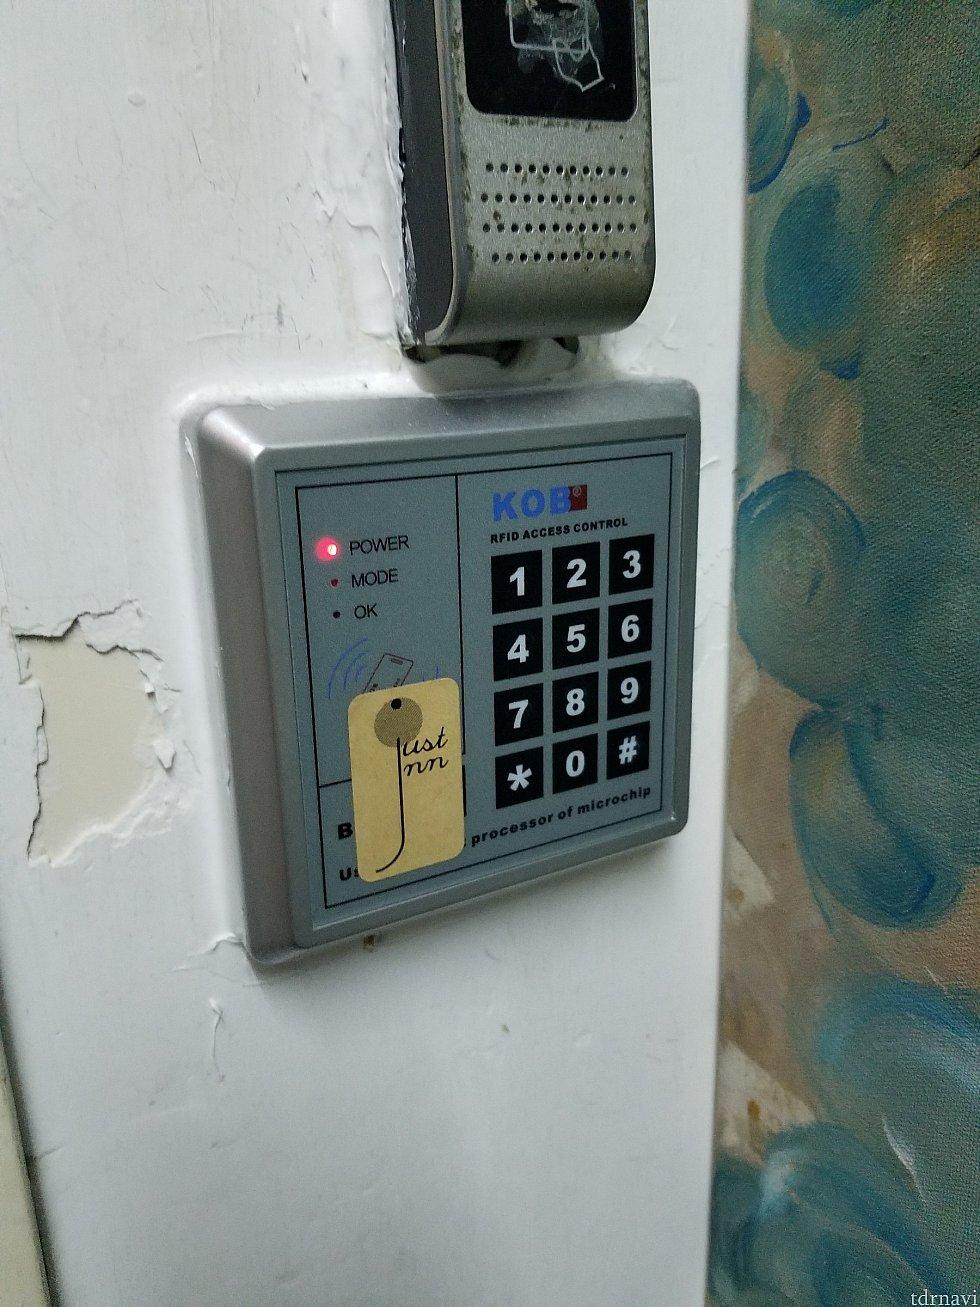 泊まった部屋は3階でした。 フロアに入る前に受付けで教えてもらったパスワードを入力しないと部屋に行けません。